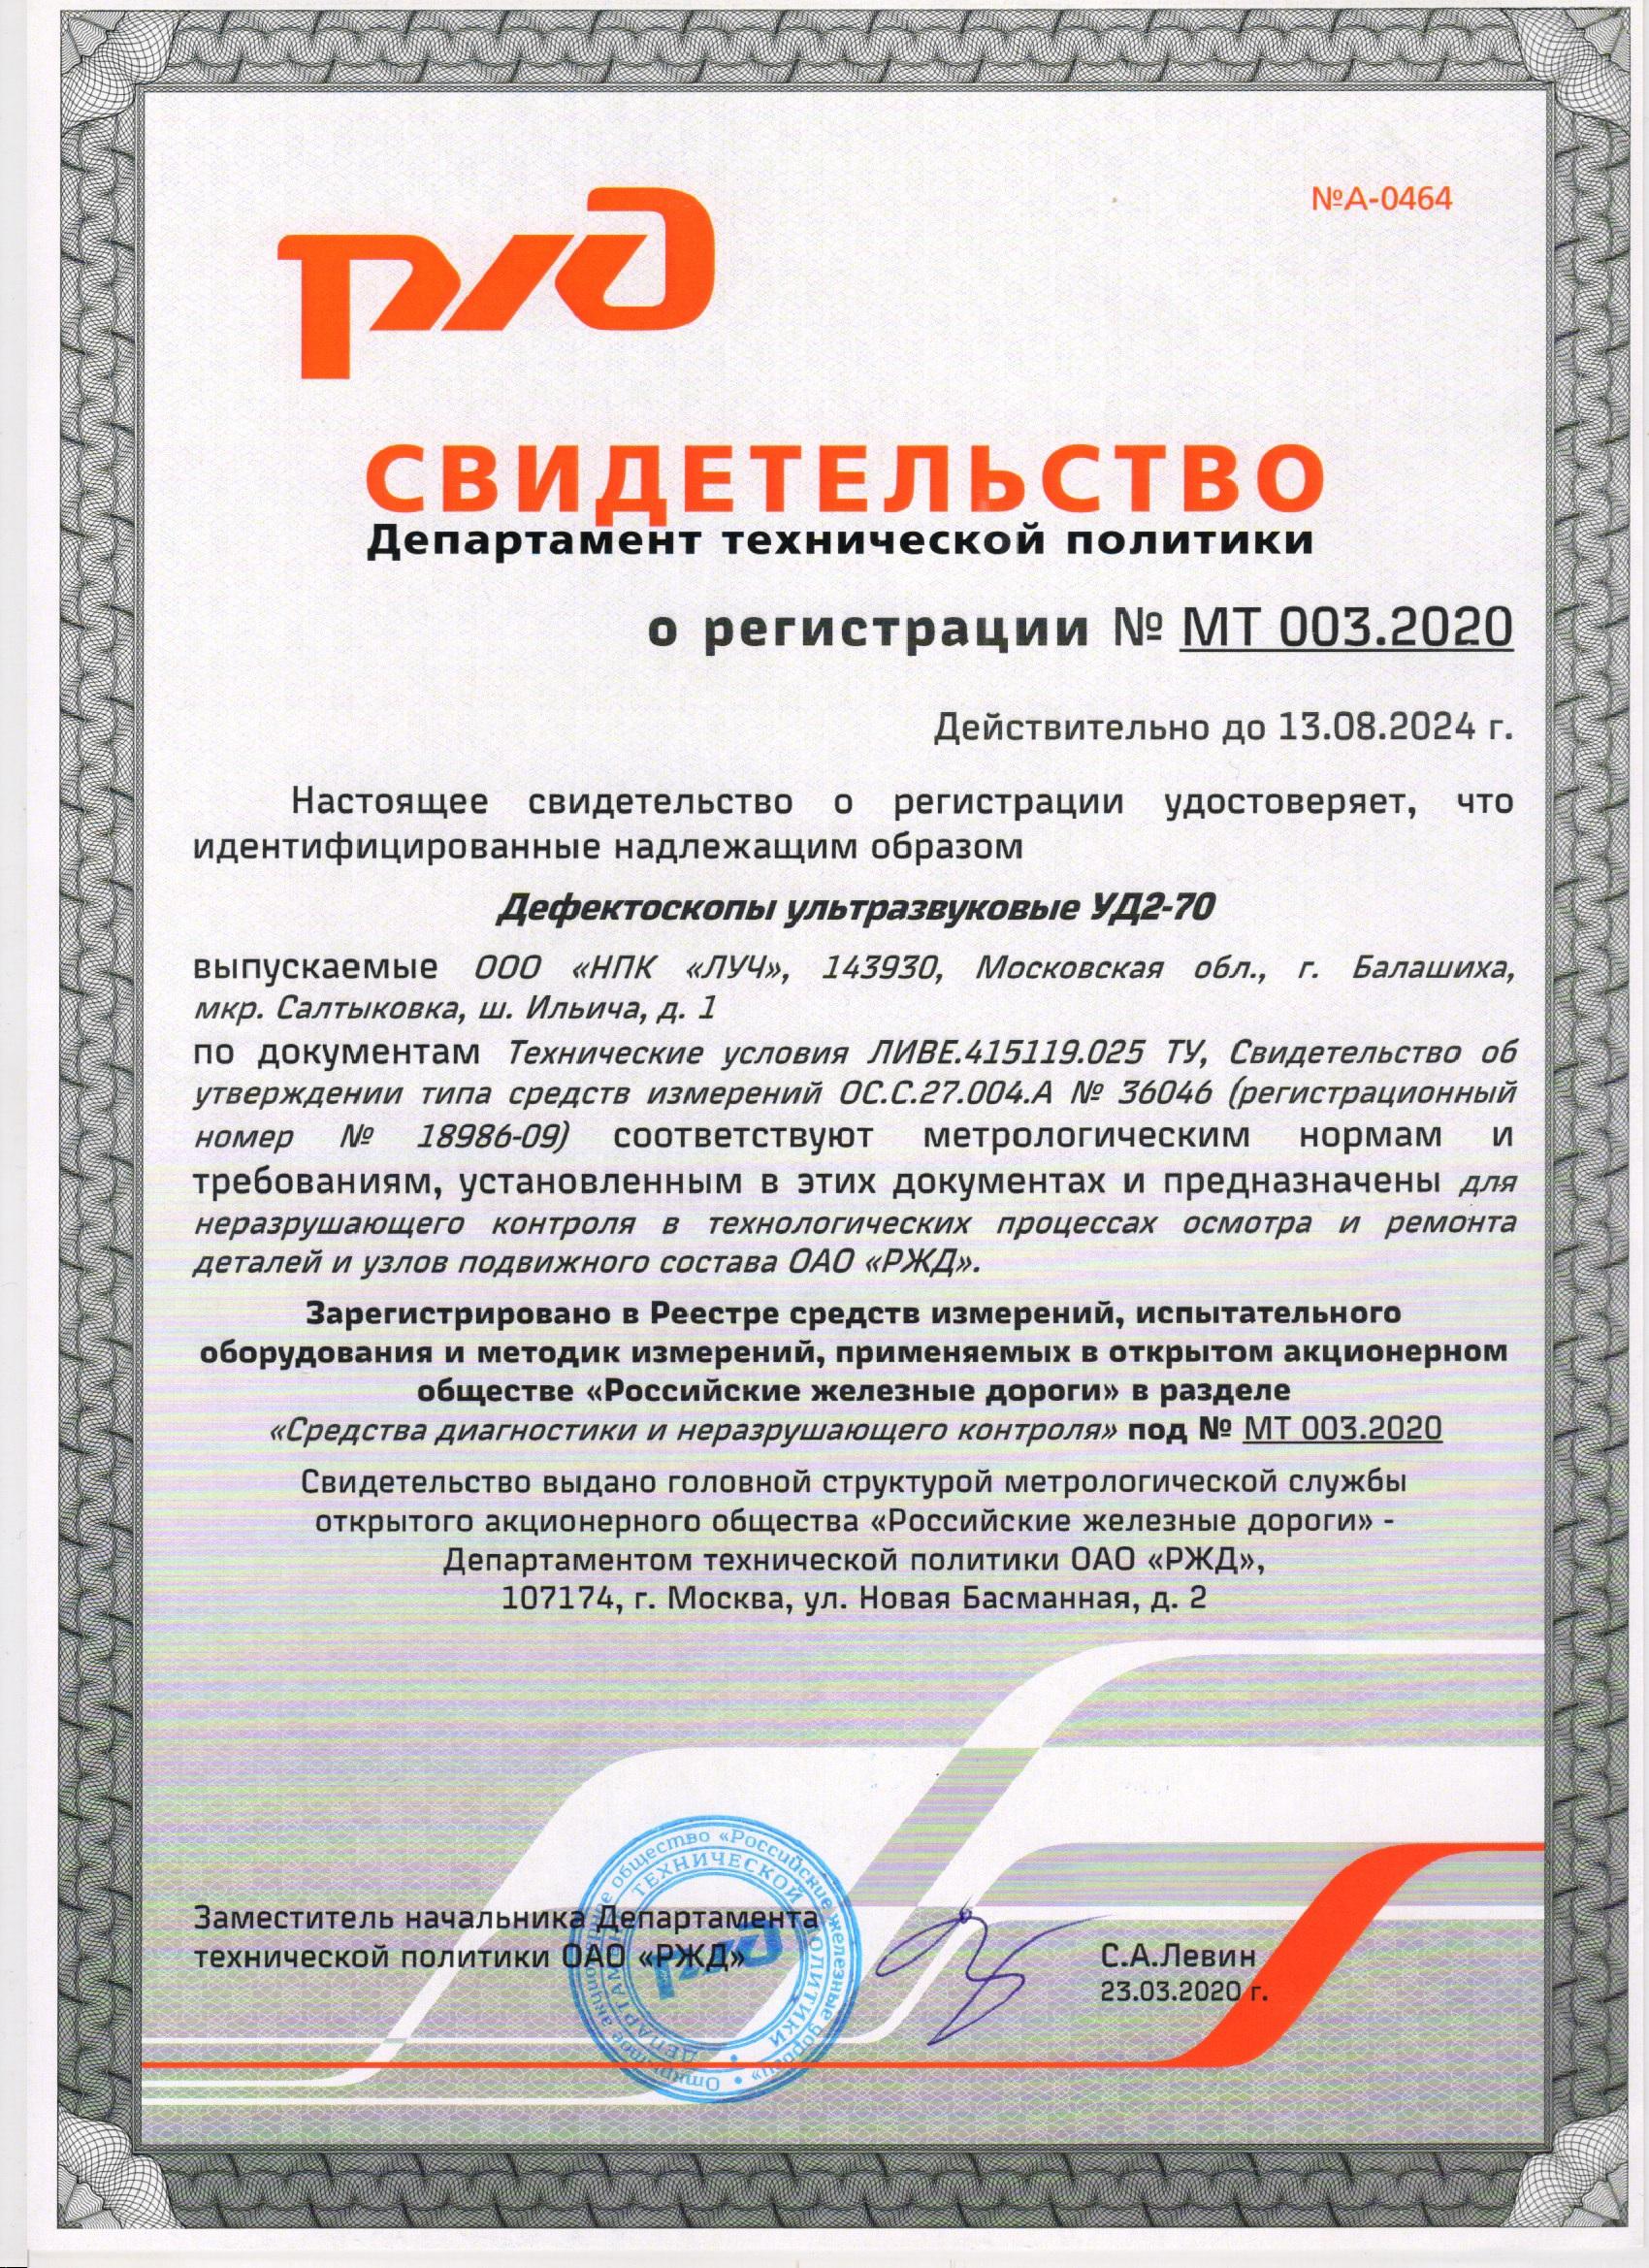 Новости Диплом НПК Луч Свидетельство о регистрации РЖД